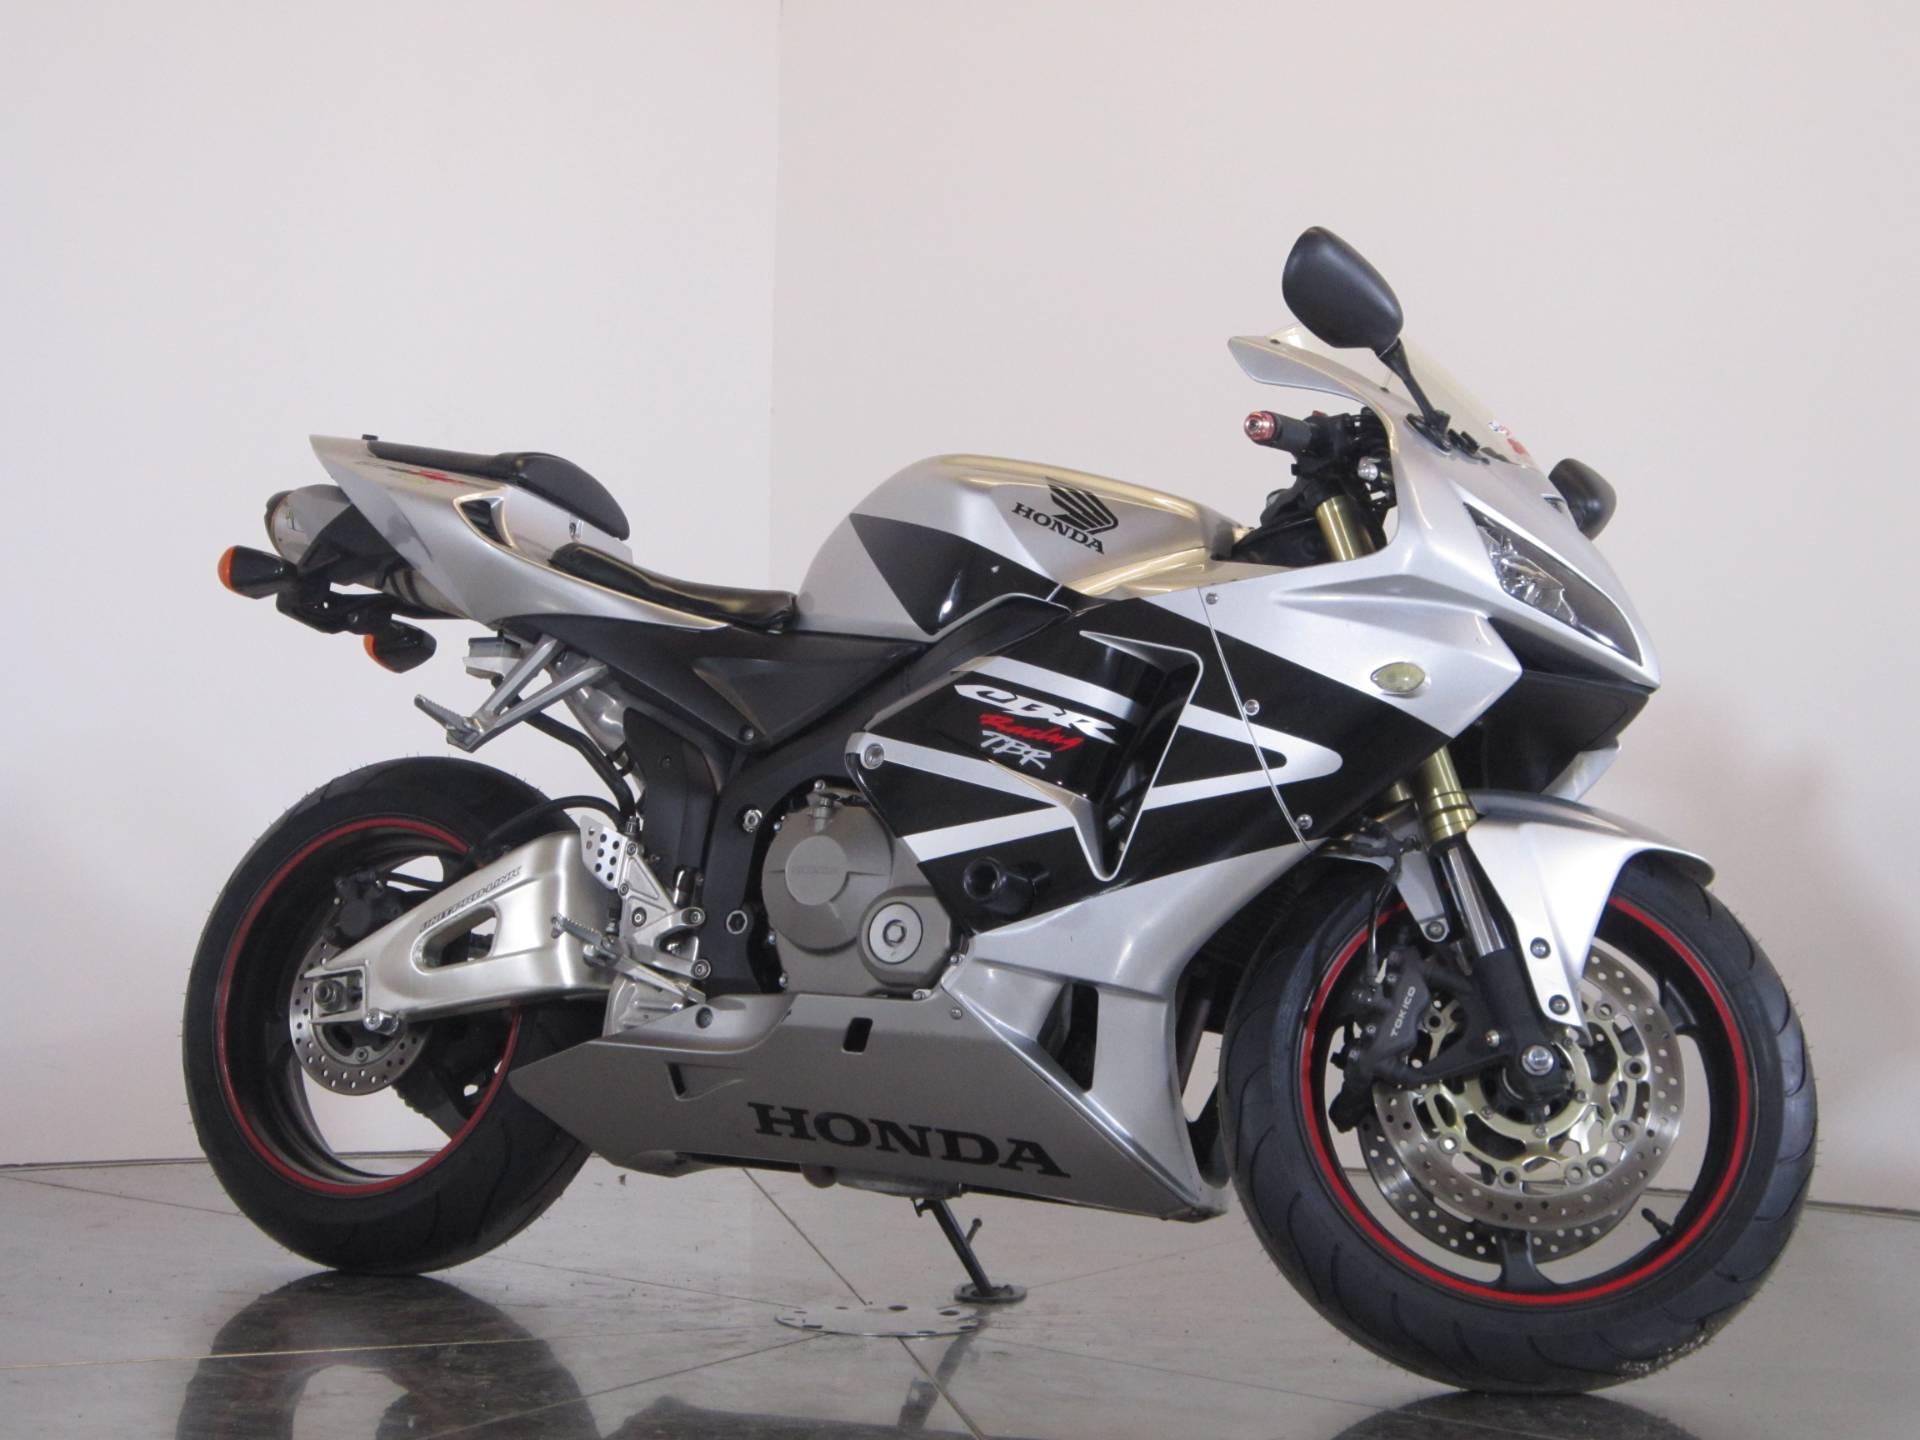 2006 Honda CBR600RR 2